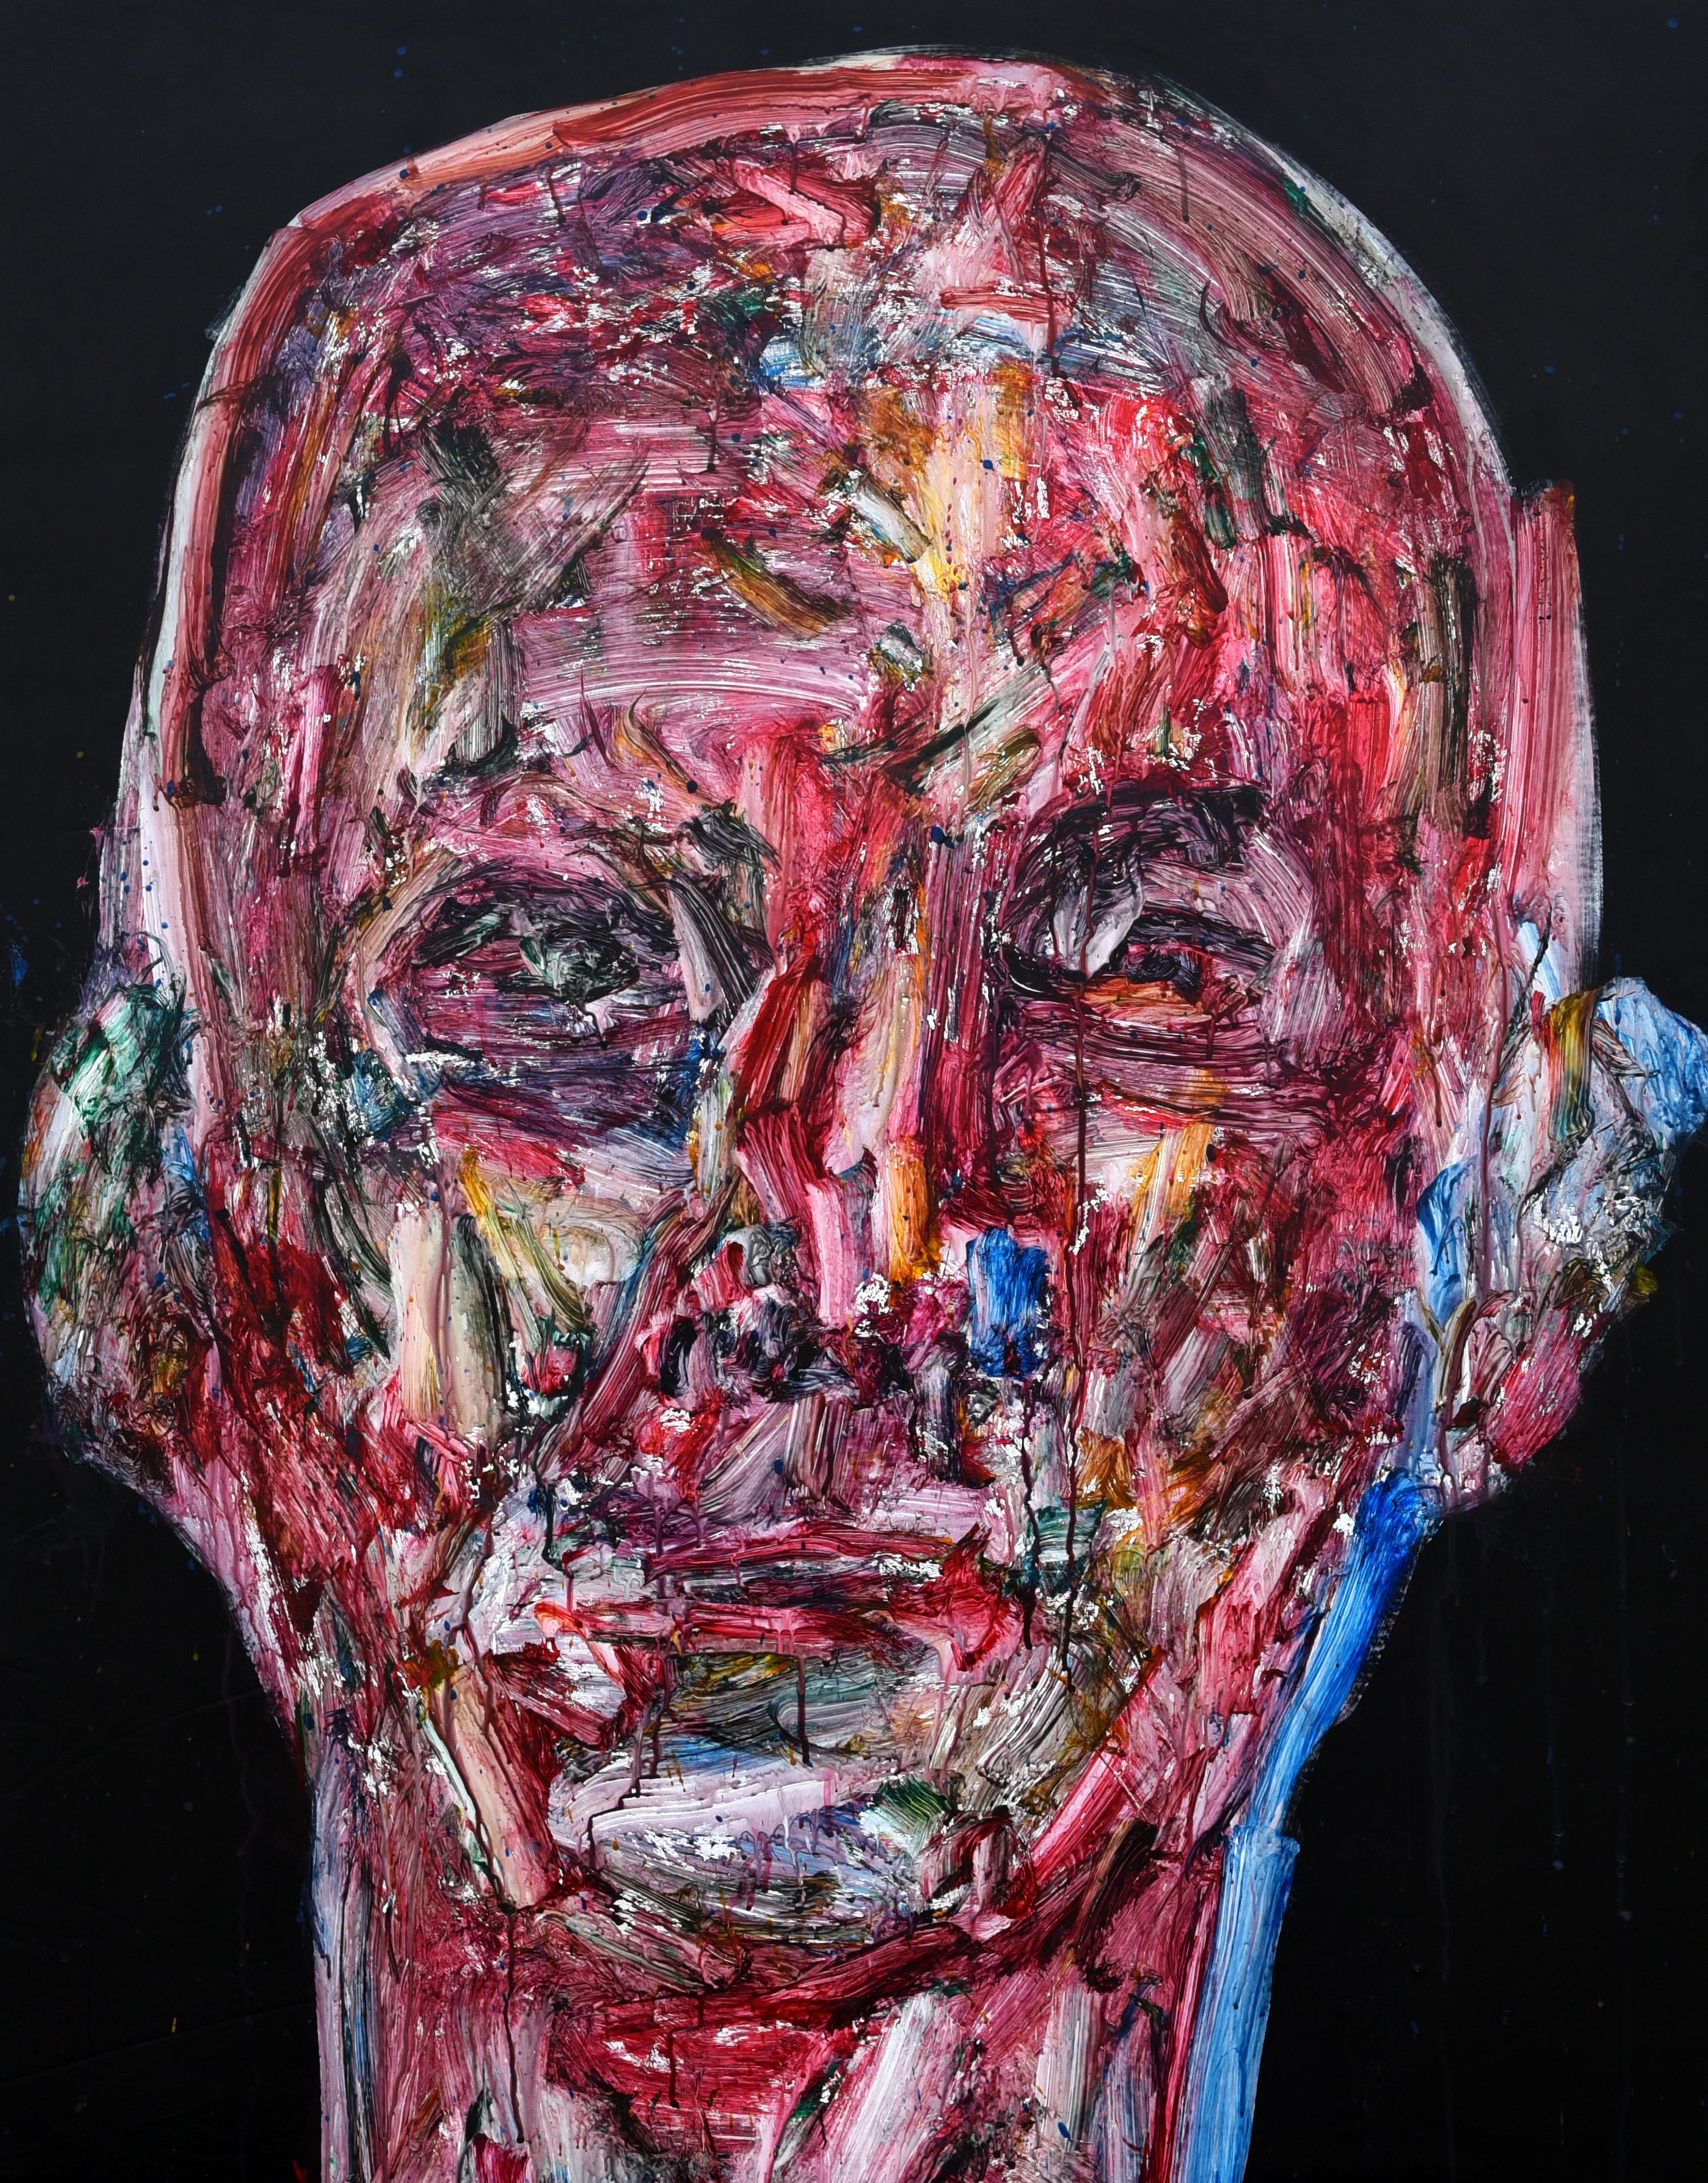 014, 정의철, 붉은얼굴, 91.0 x 116